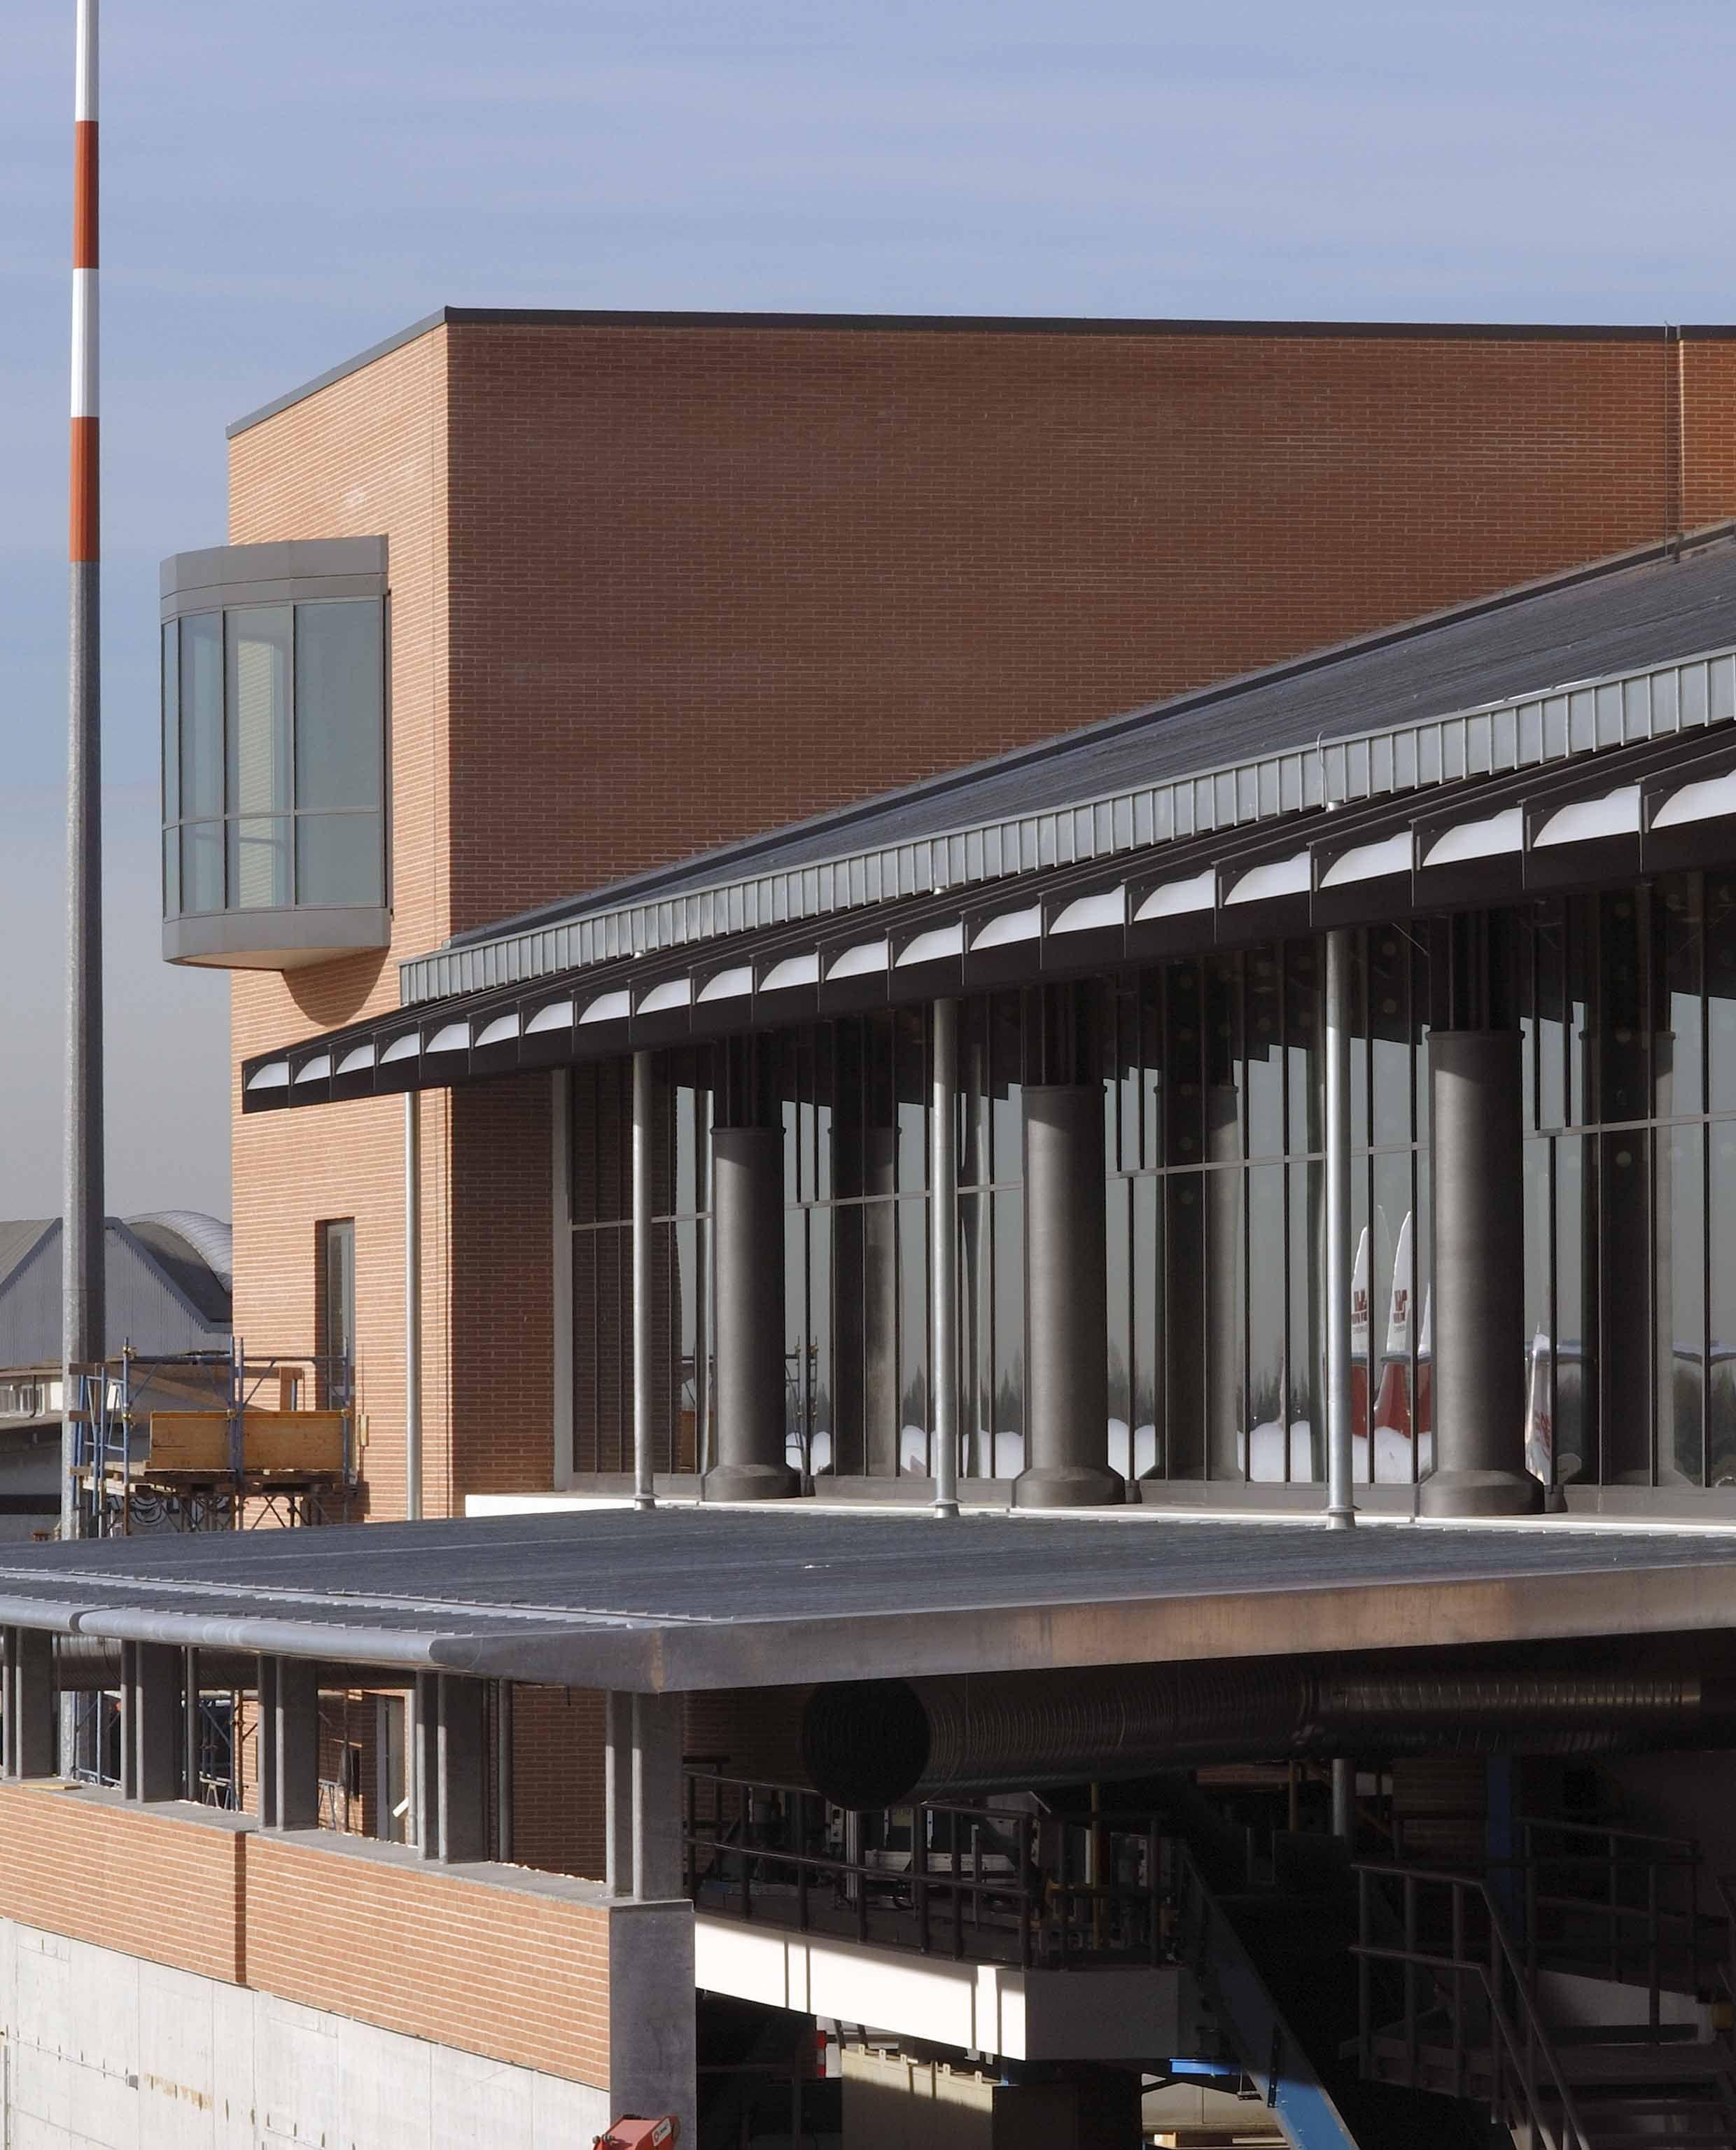 Aeroporto Canova di Treviso - image 4